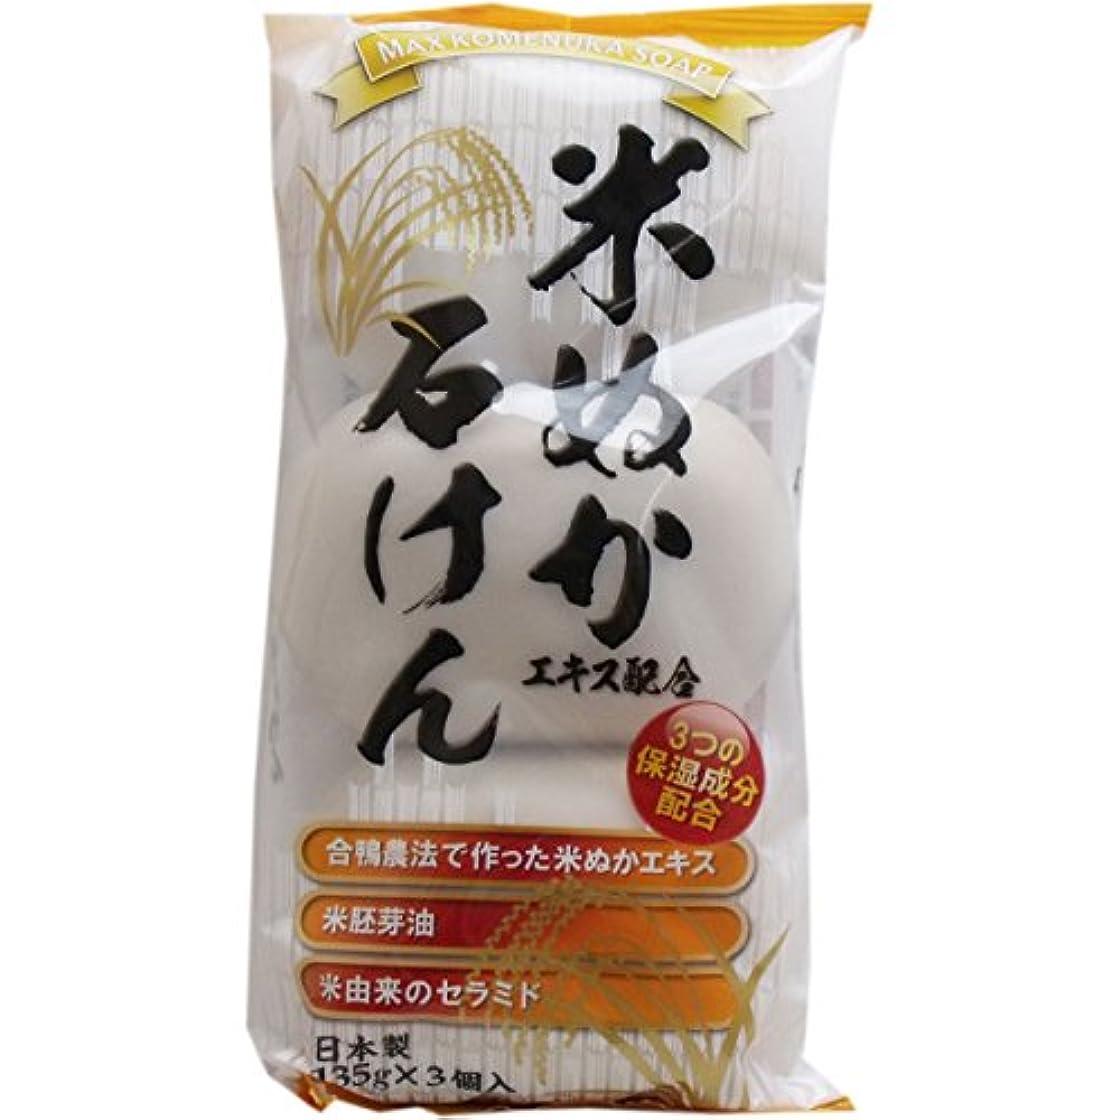 【まとめ買い】米ぬかエキス配合石けん 3個入 ×2セット